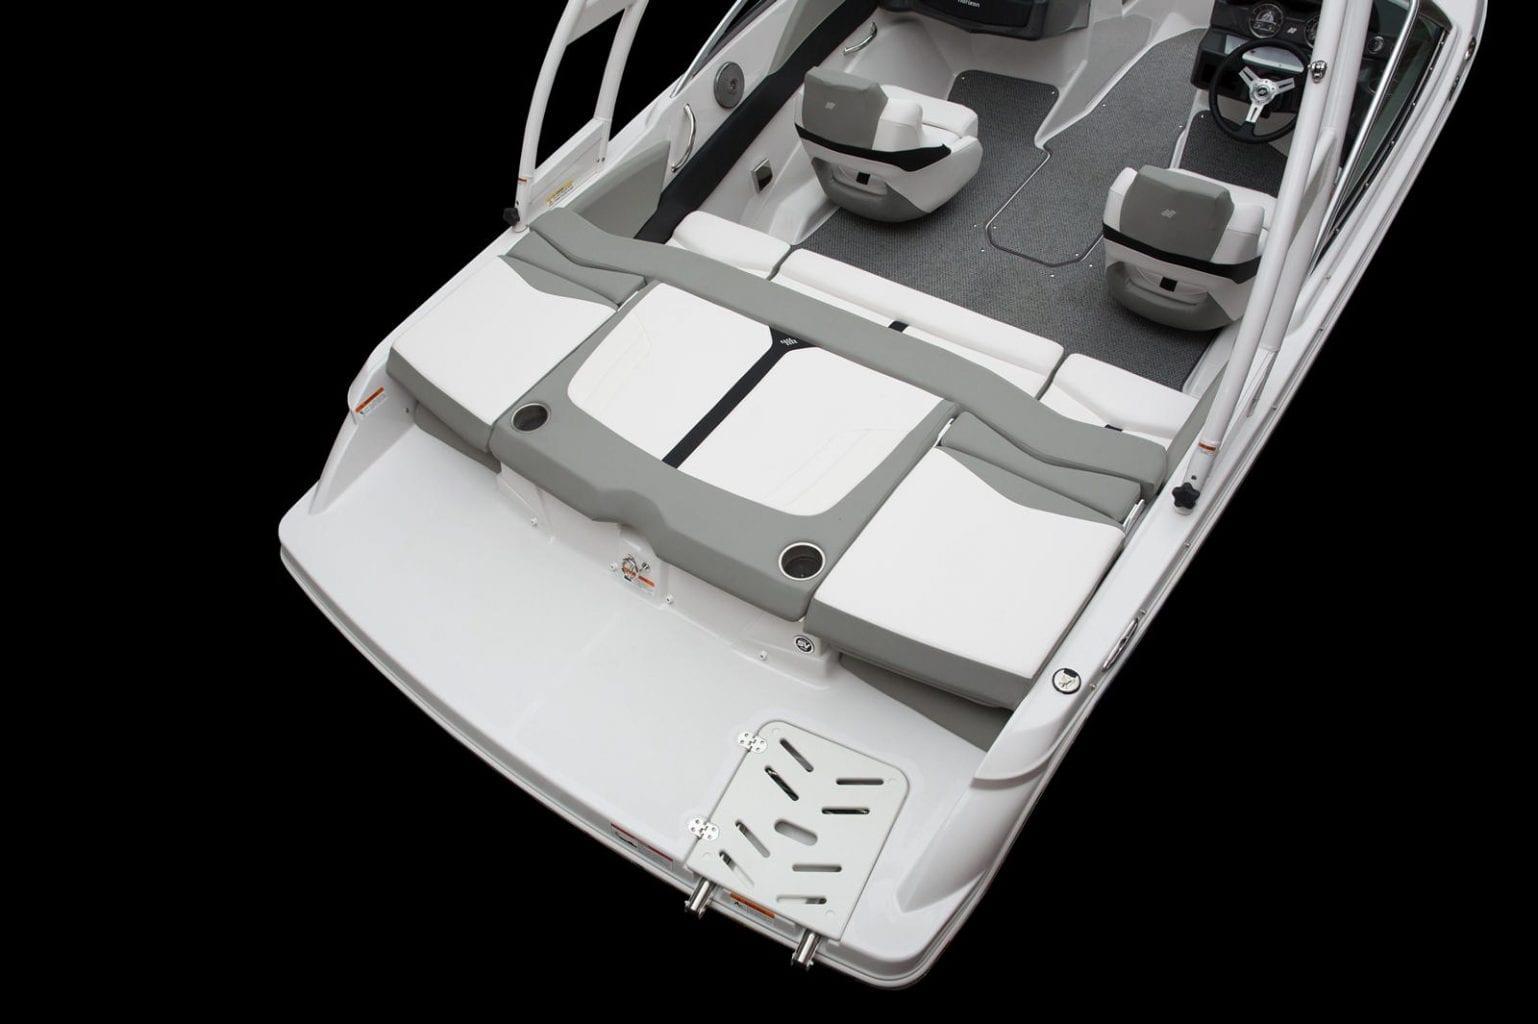 סירת ספורט דגם Four Winns 190 - סטרים יאכטות - סירת ספורט דגם Four Winns 190 - סטרים יאכטות